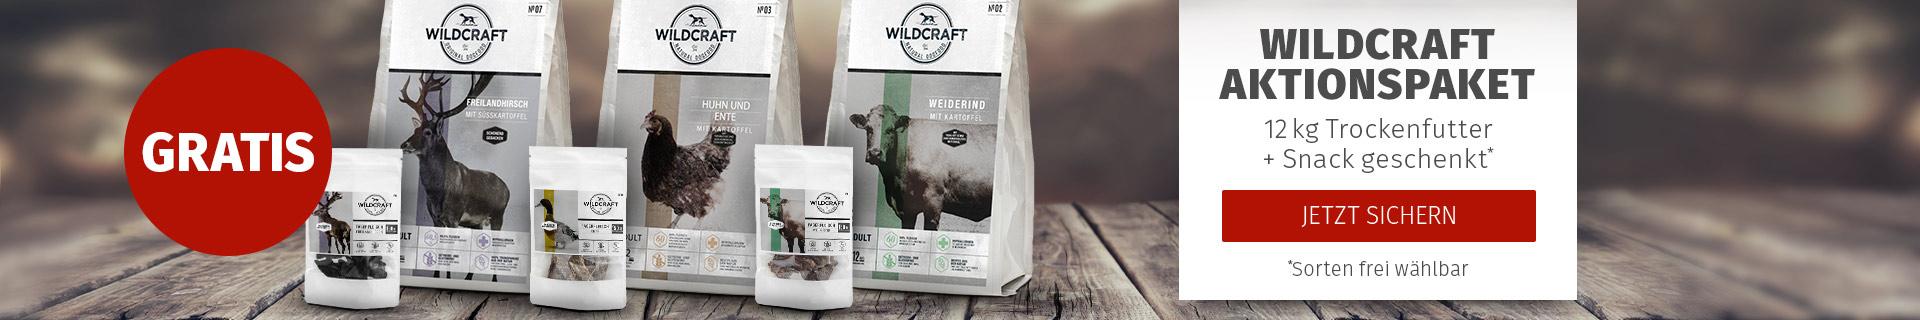 Wildcraft Aktion: 12kg Sack kaufen und ein Snack gratis erhalten